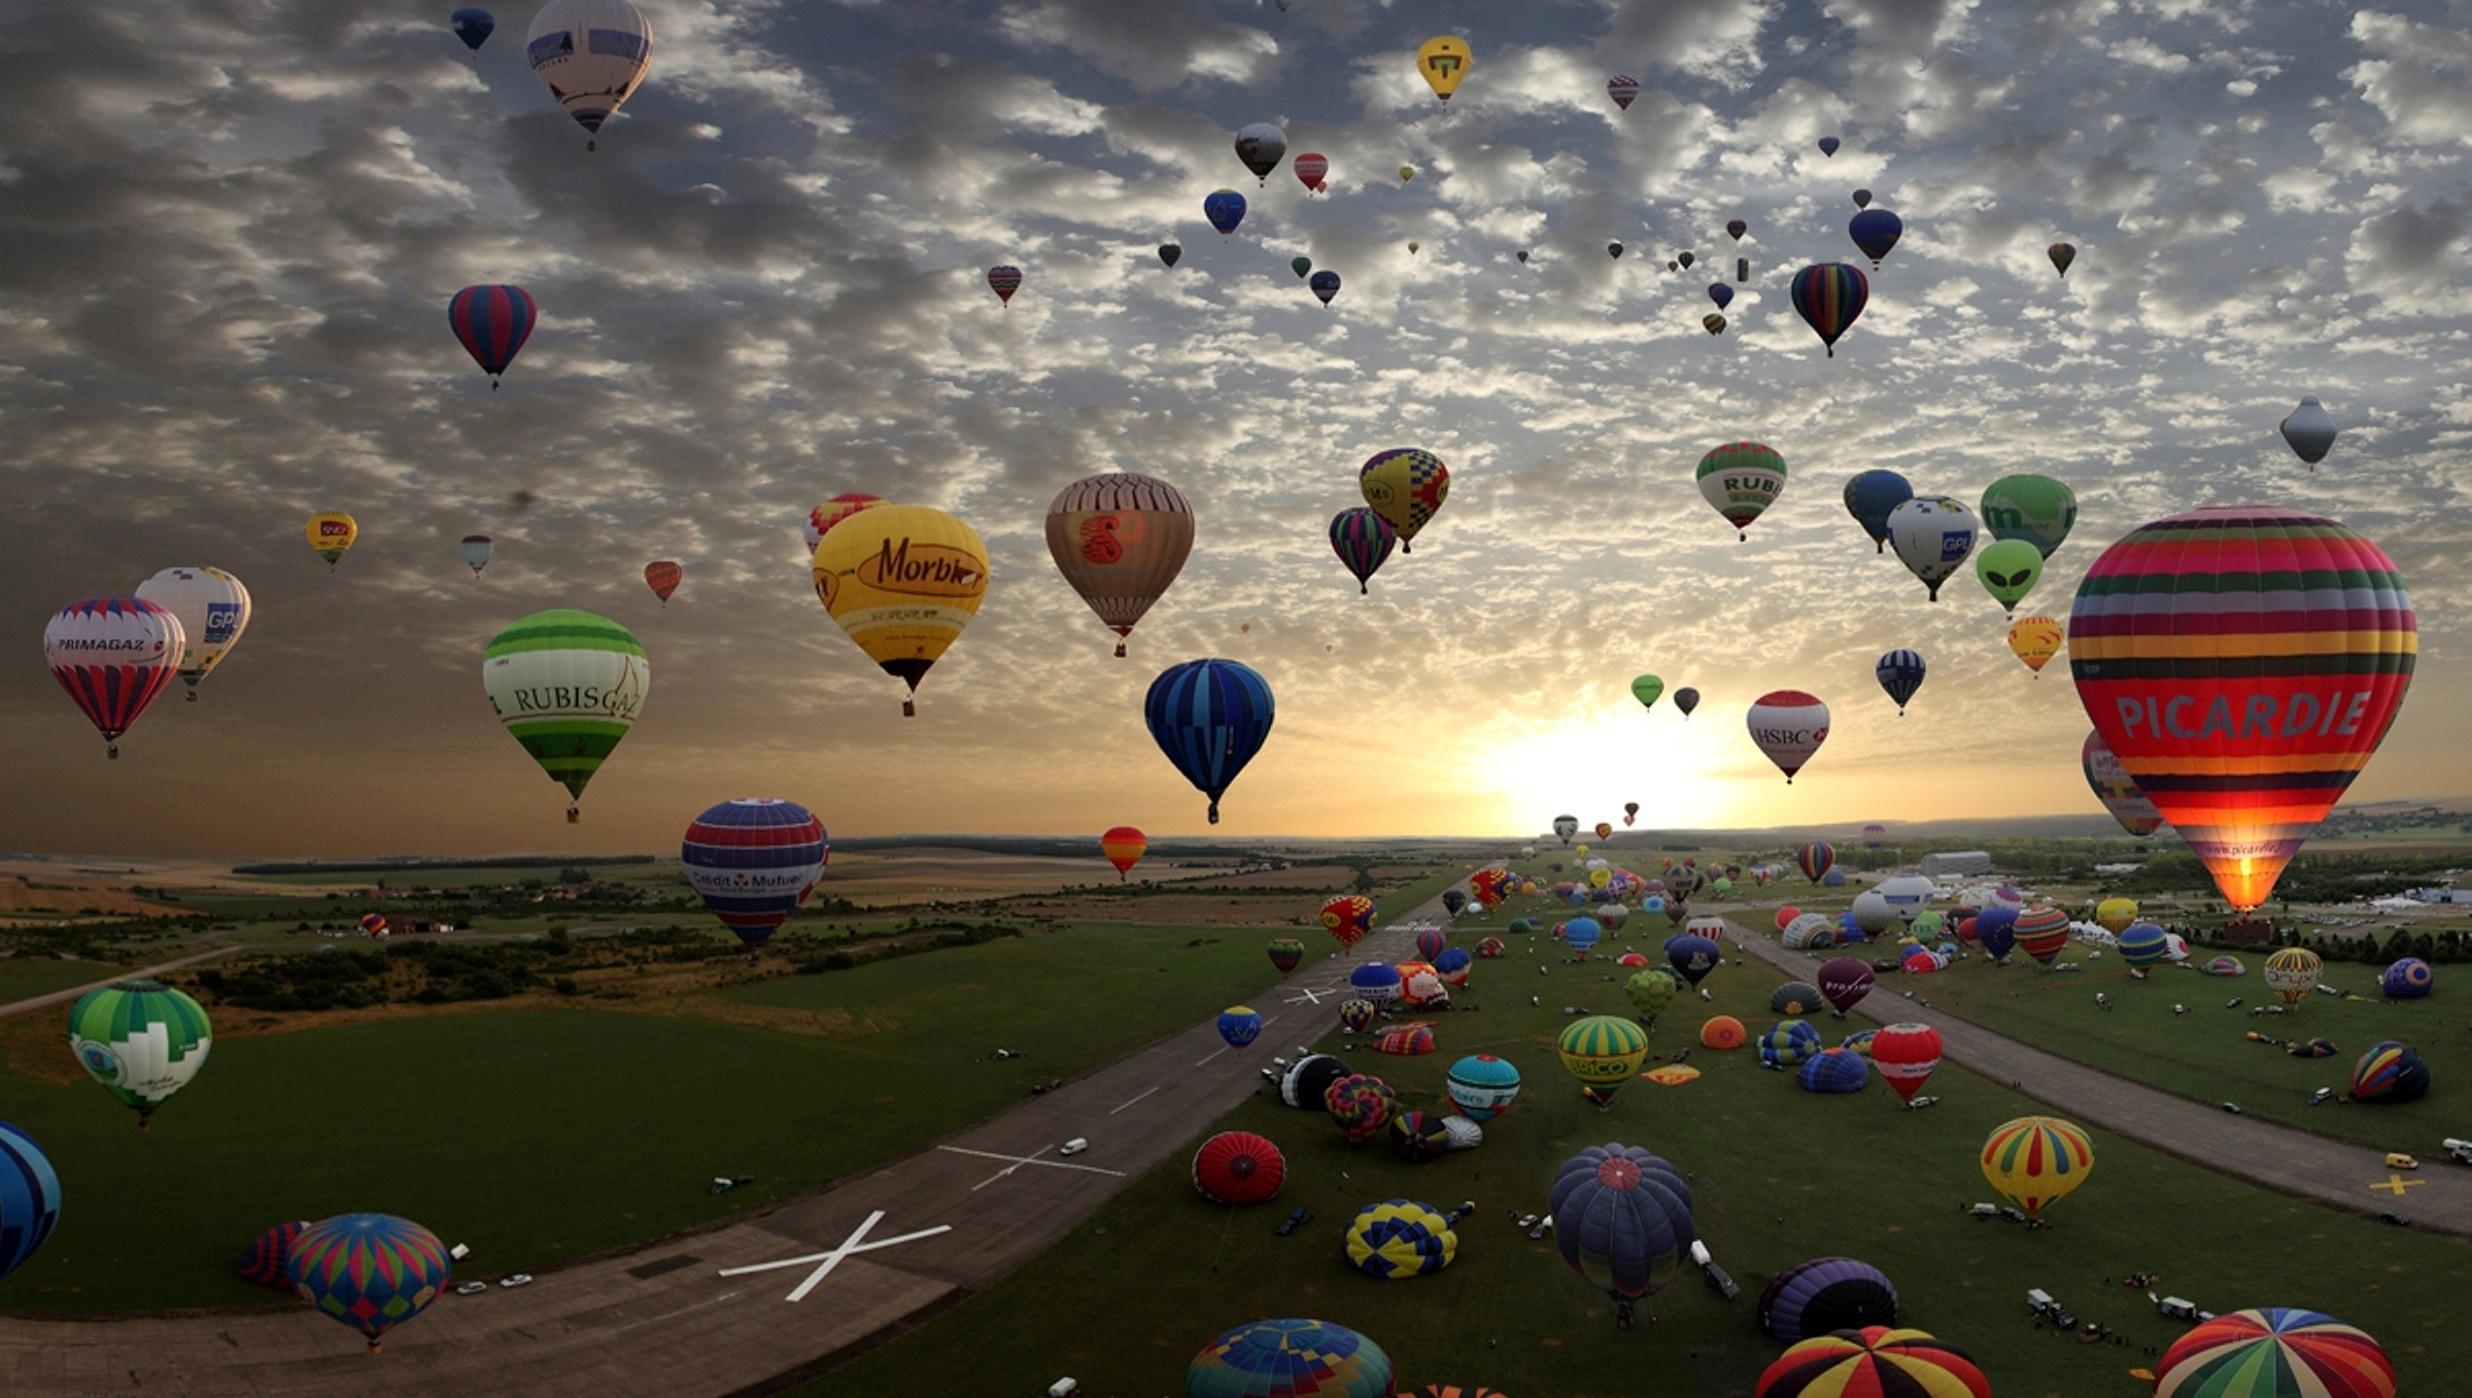 hot air balloons general balloon desktop wallpaper download hot air 2472x1398